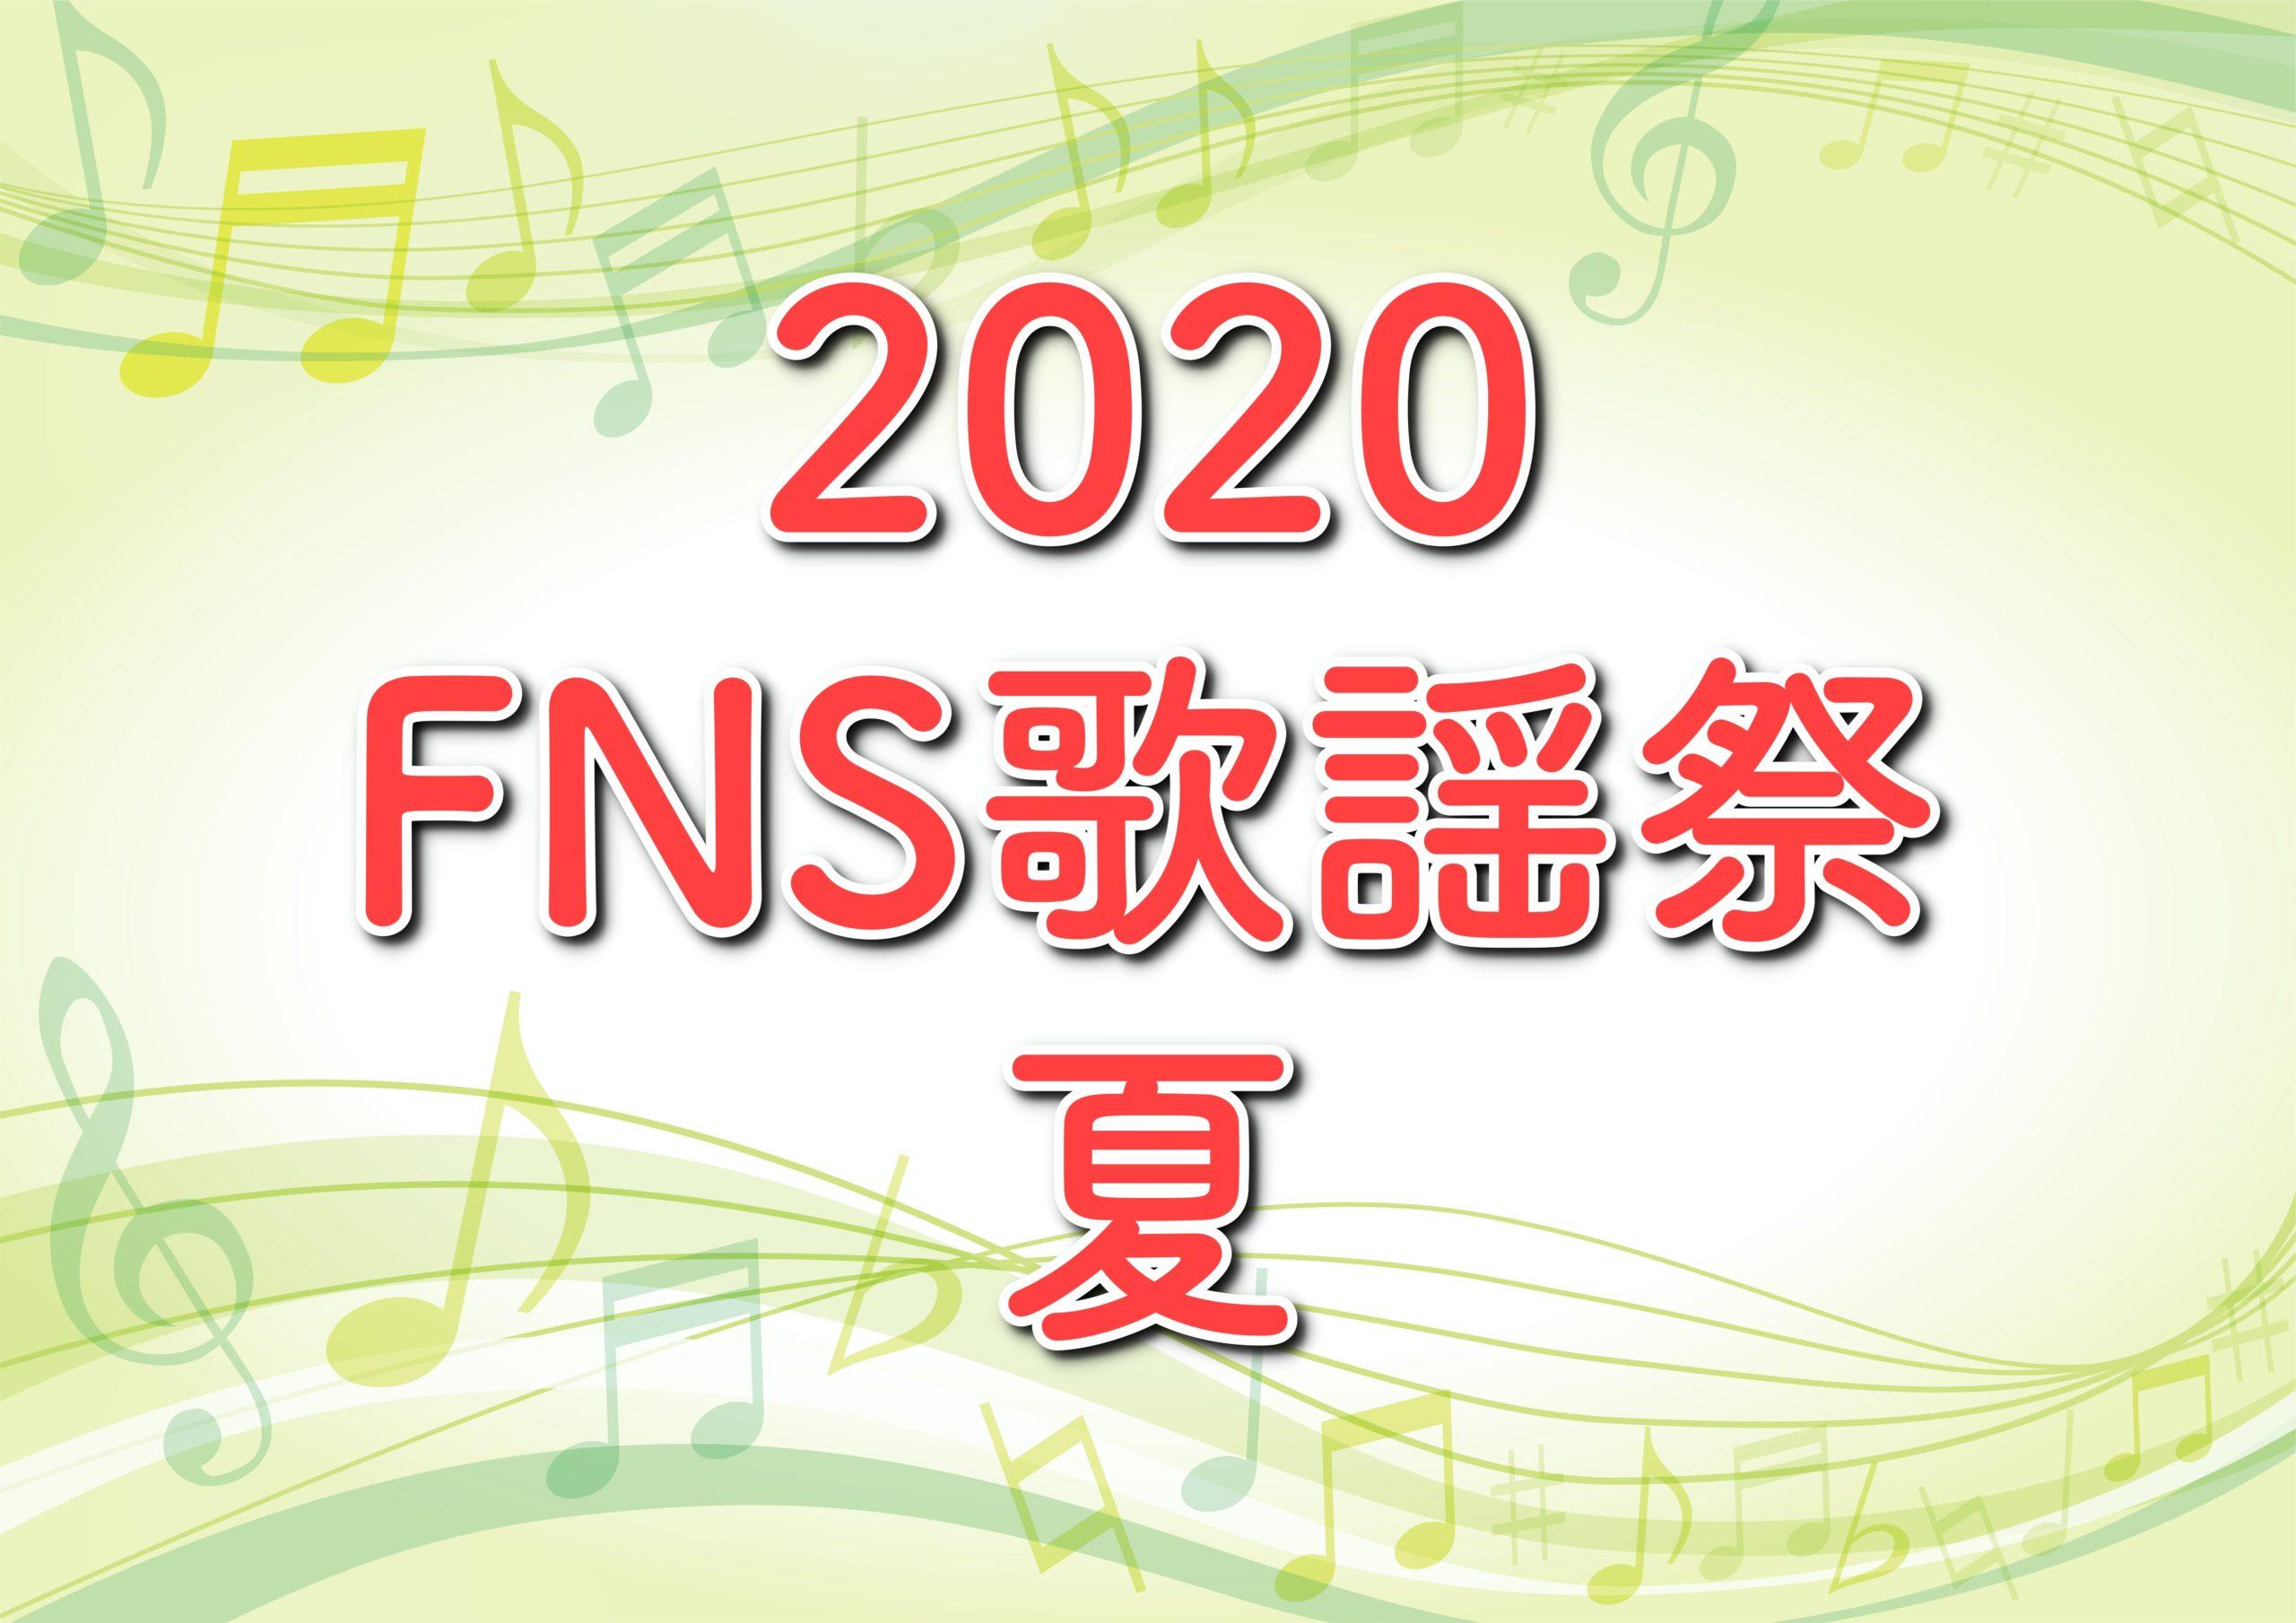 FNS歌謡祭2020夏の出演者やタイムテーブル!BTSの順番やセトリも調査 ...